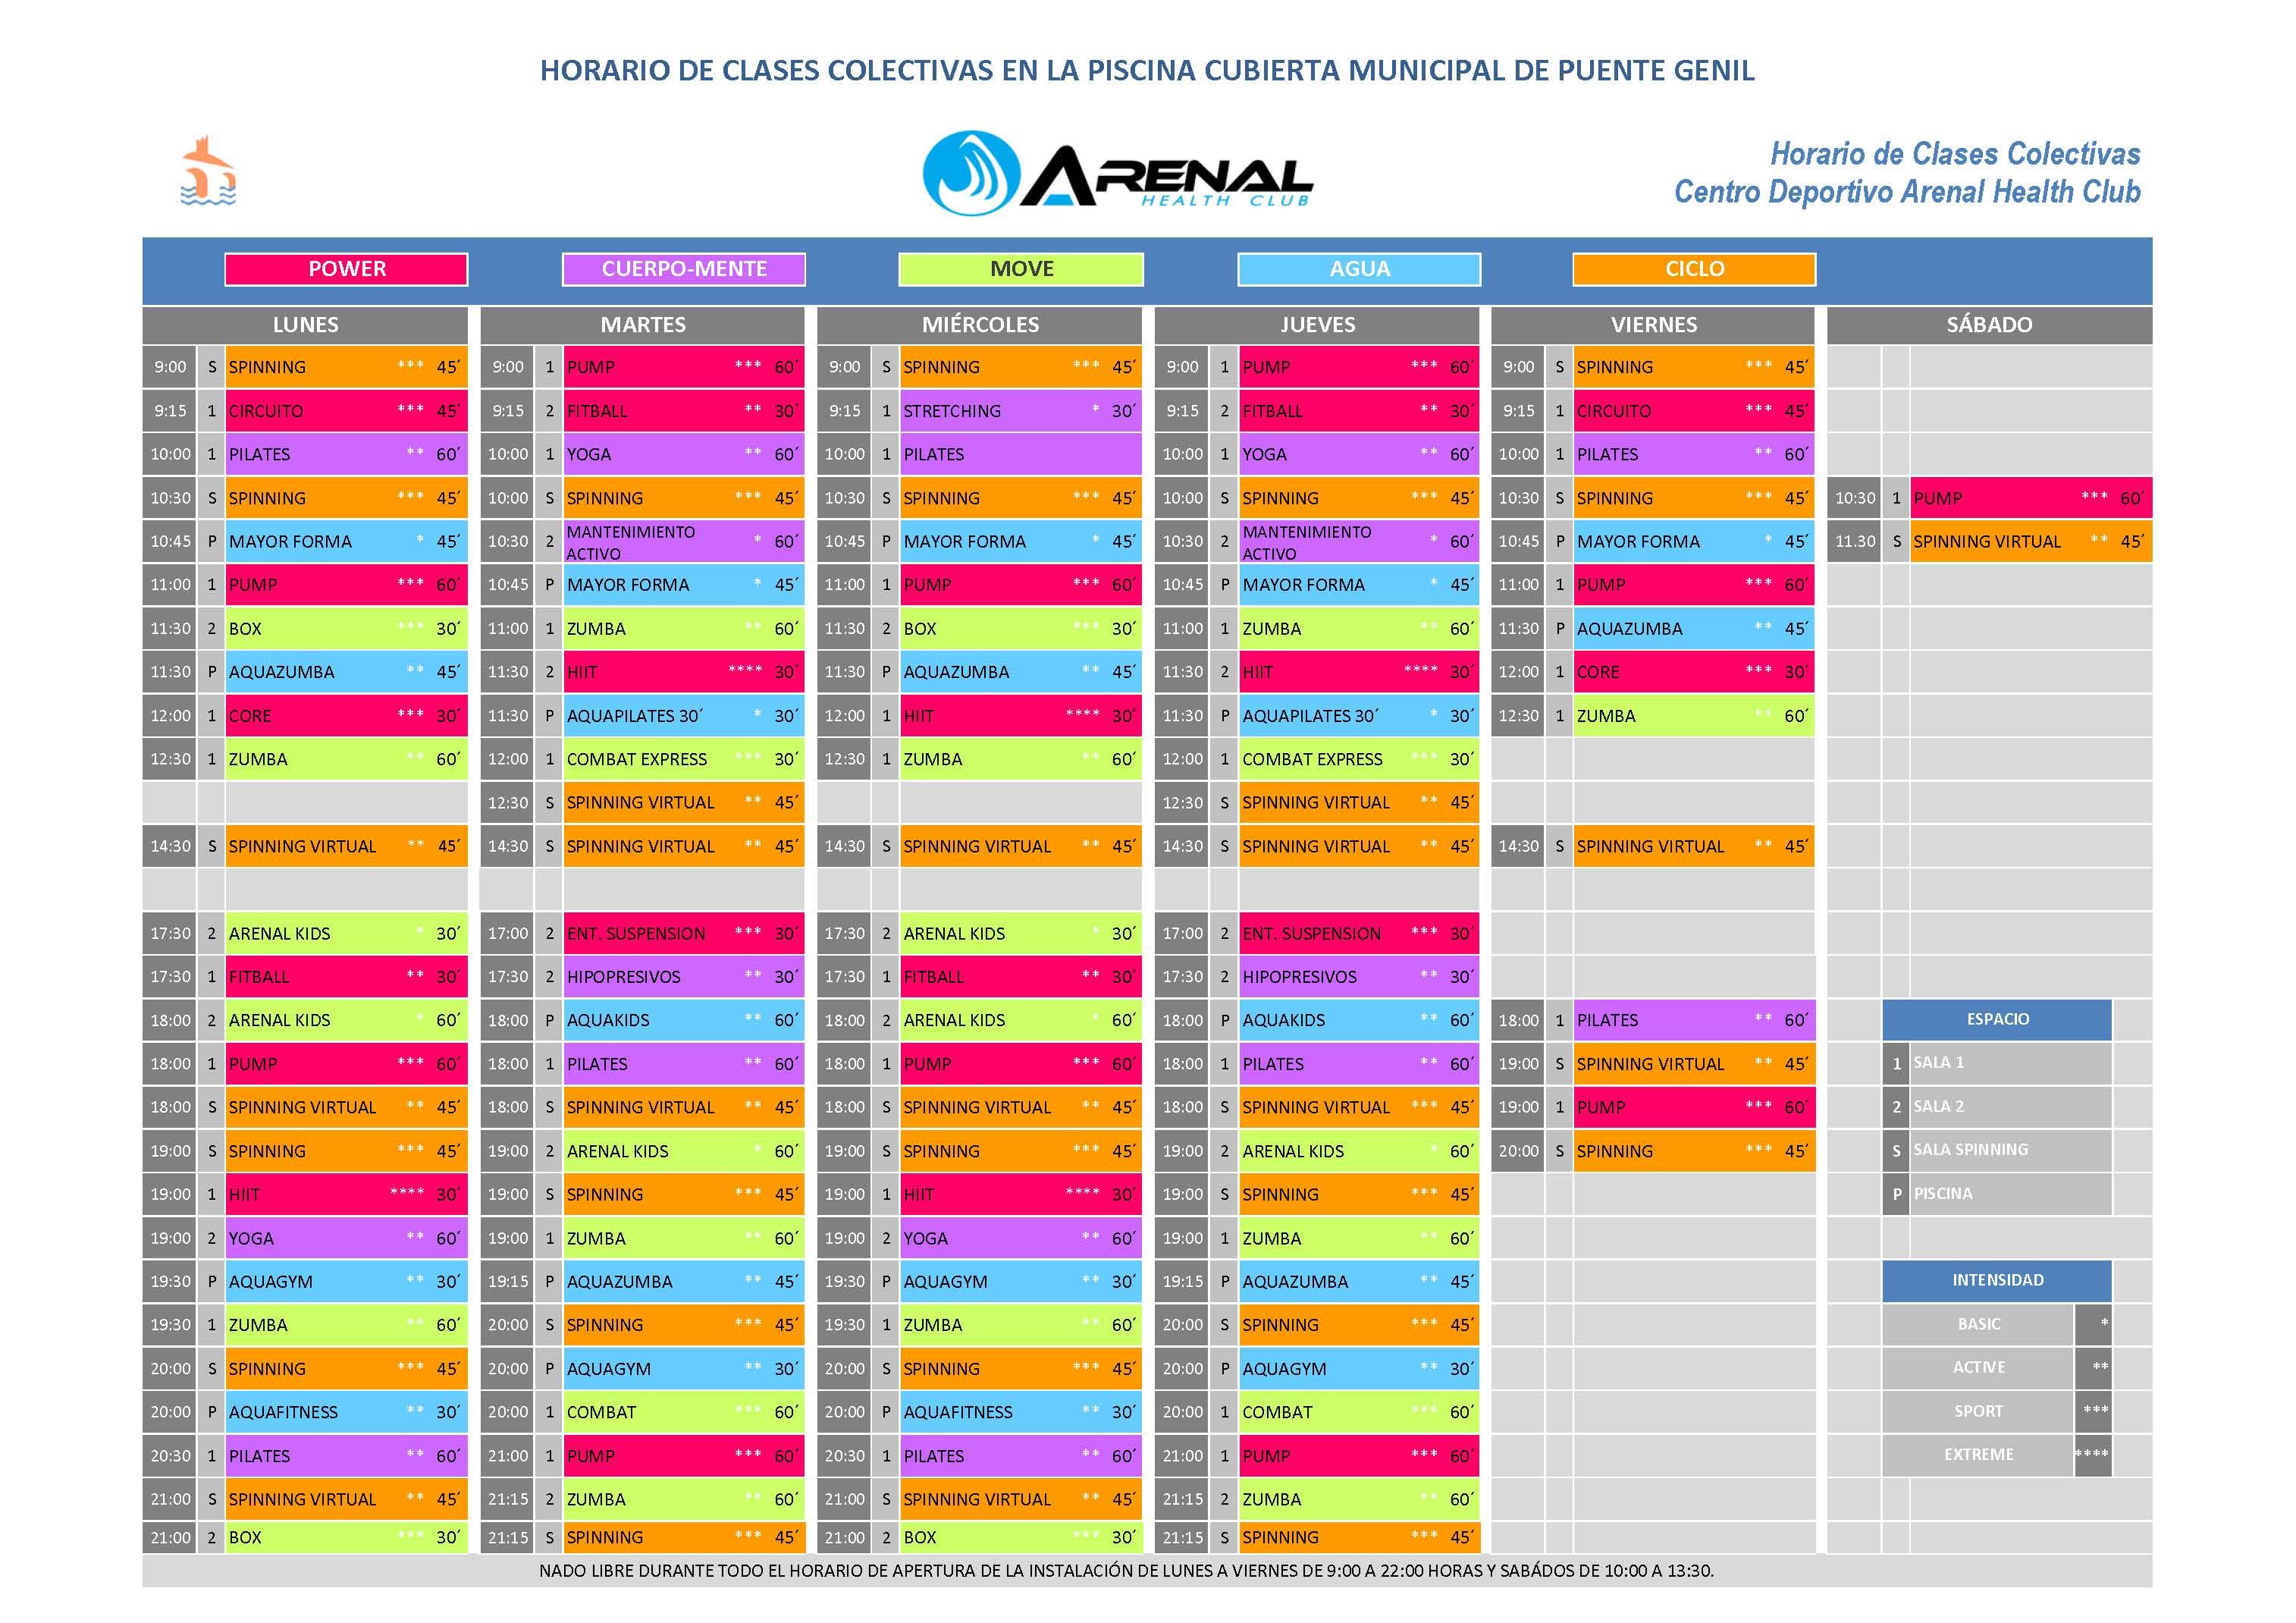 Horario y actividades piscina cubierta ayuntamiento de for Horario piscina alaquas